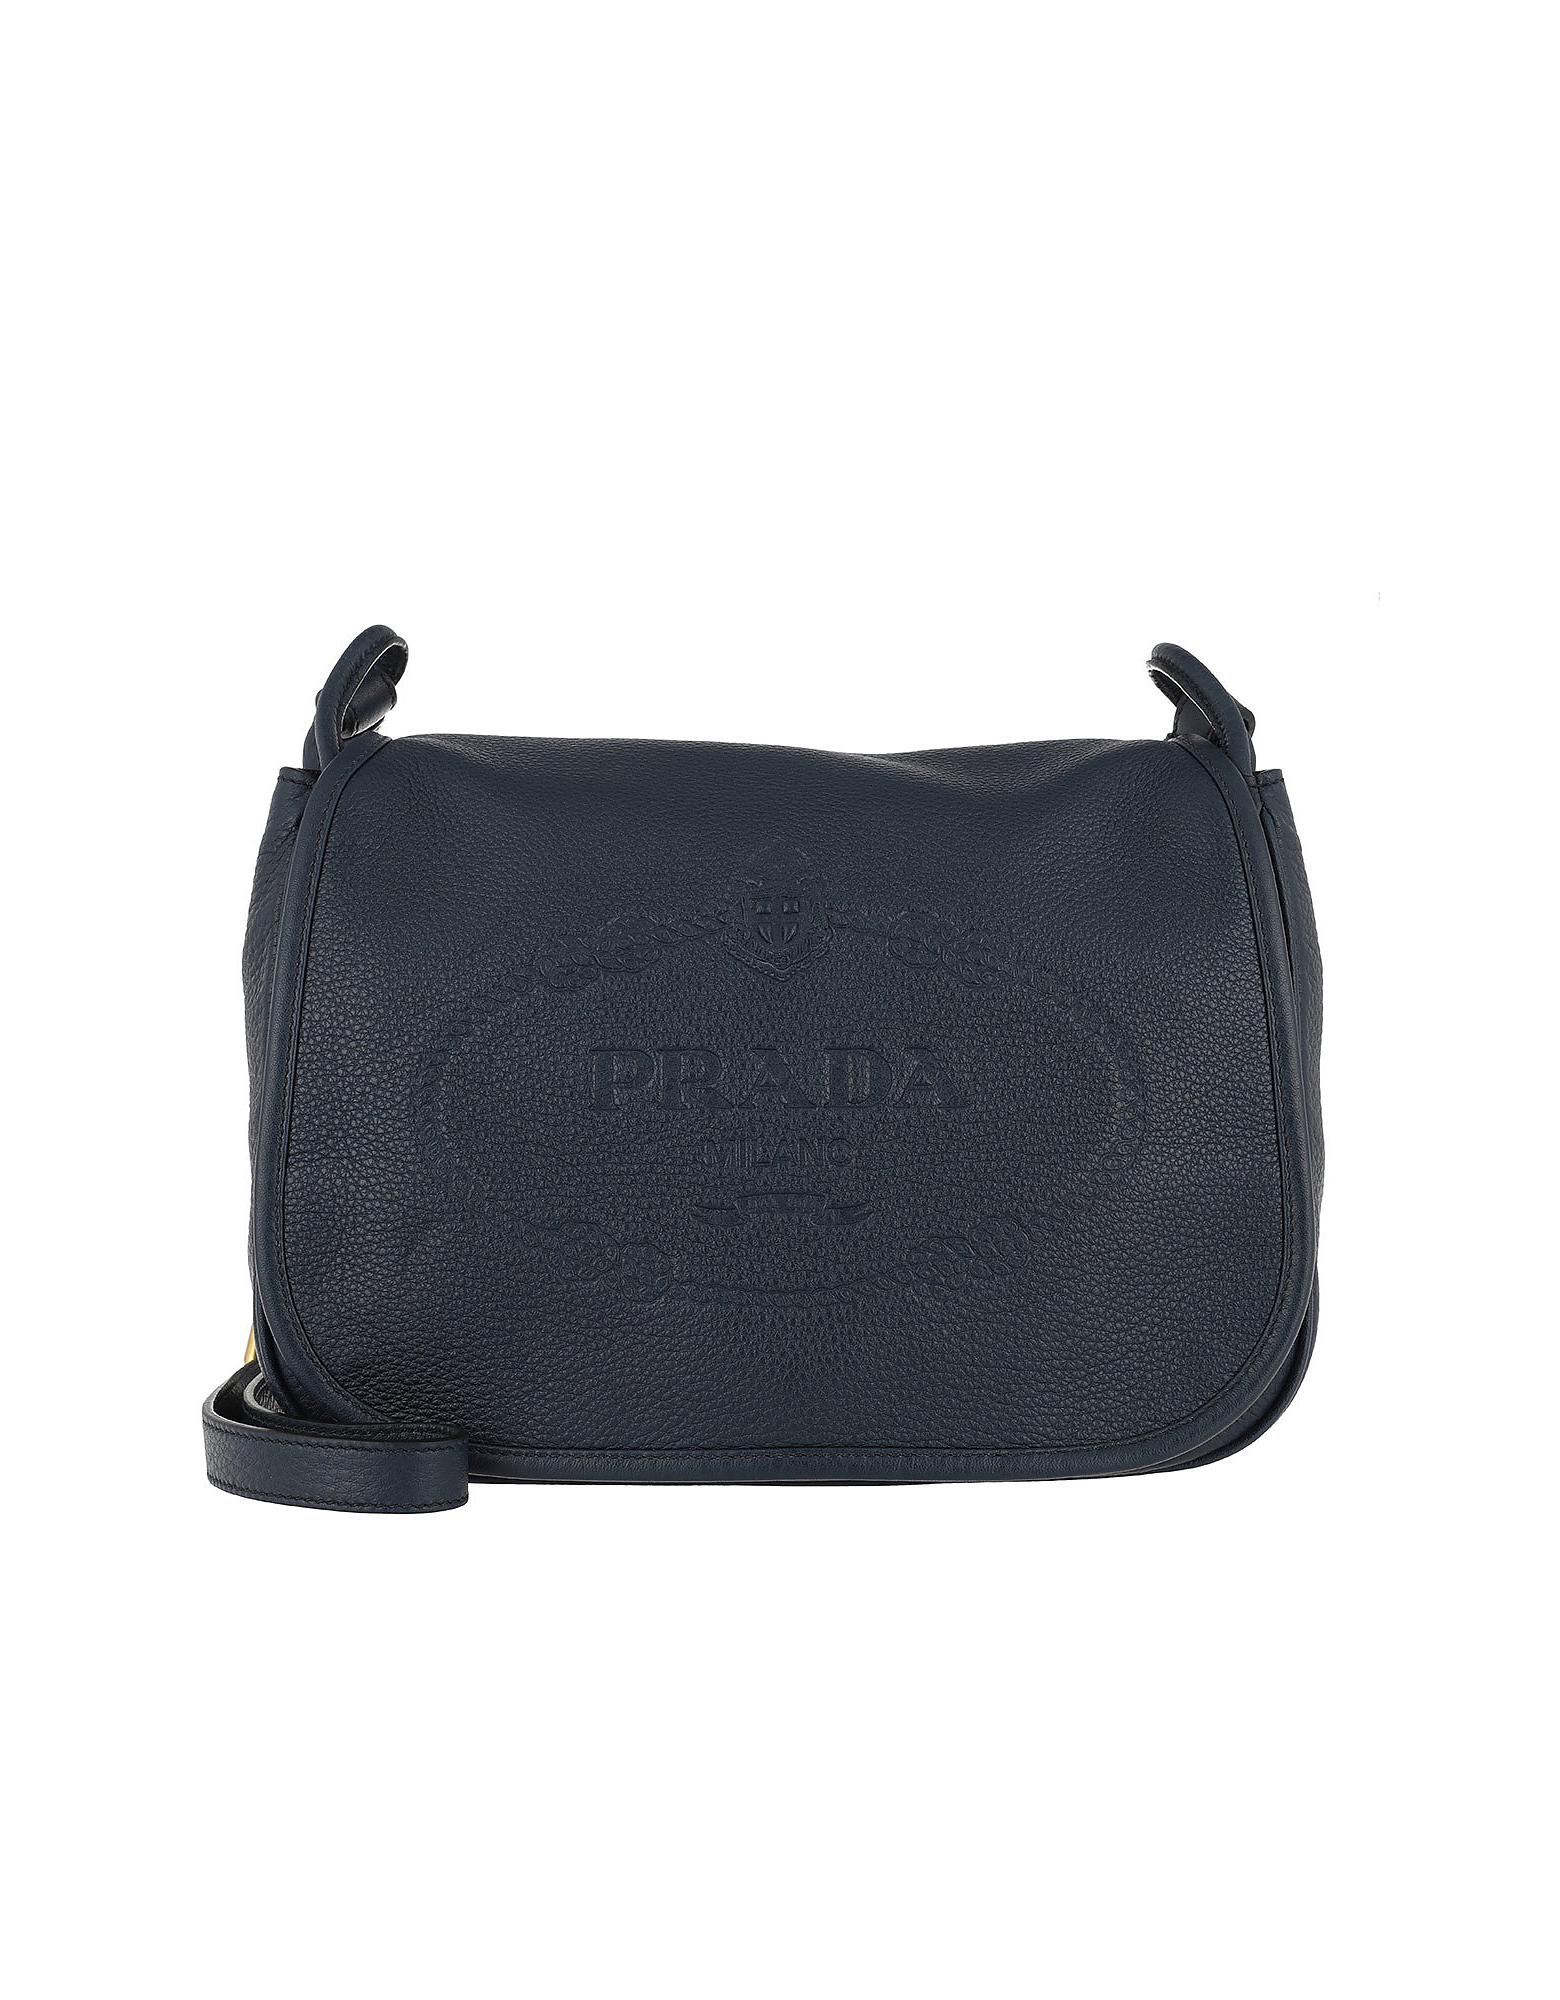 fc98aed7ea9d Prada Crossbody Bag Leather Baltico in Blue - Lyst